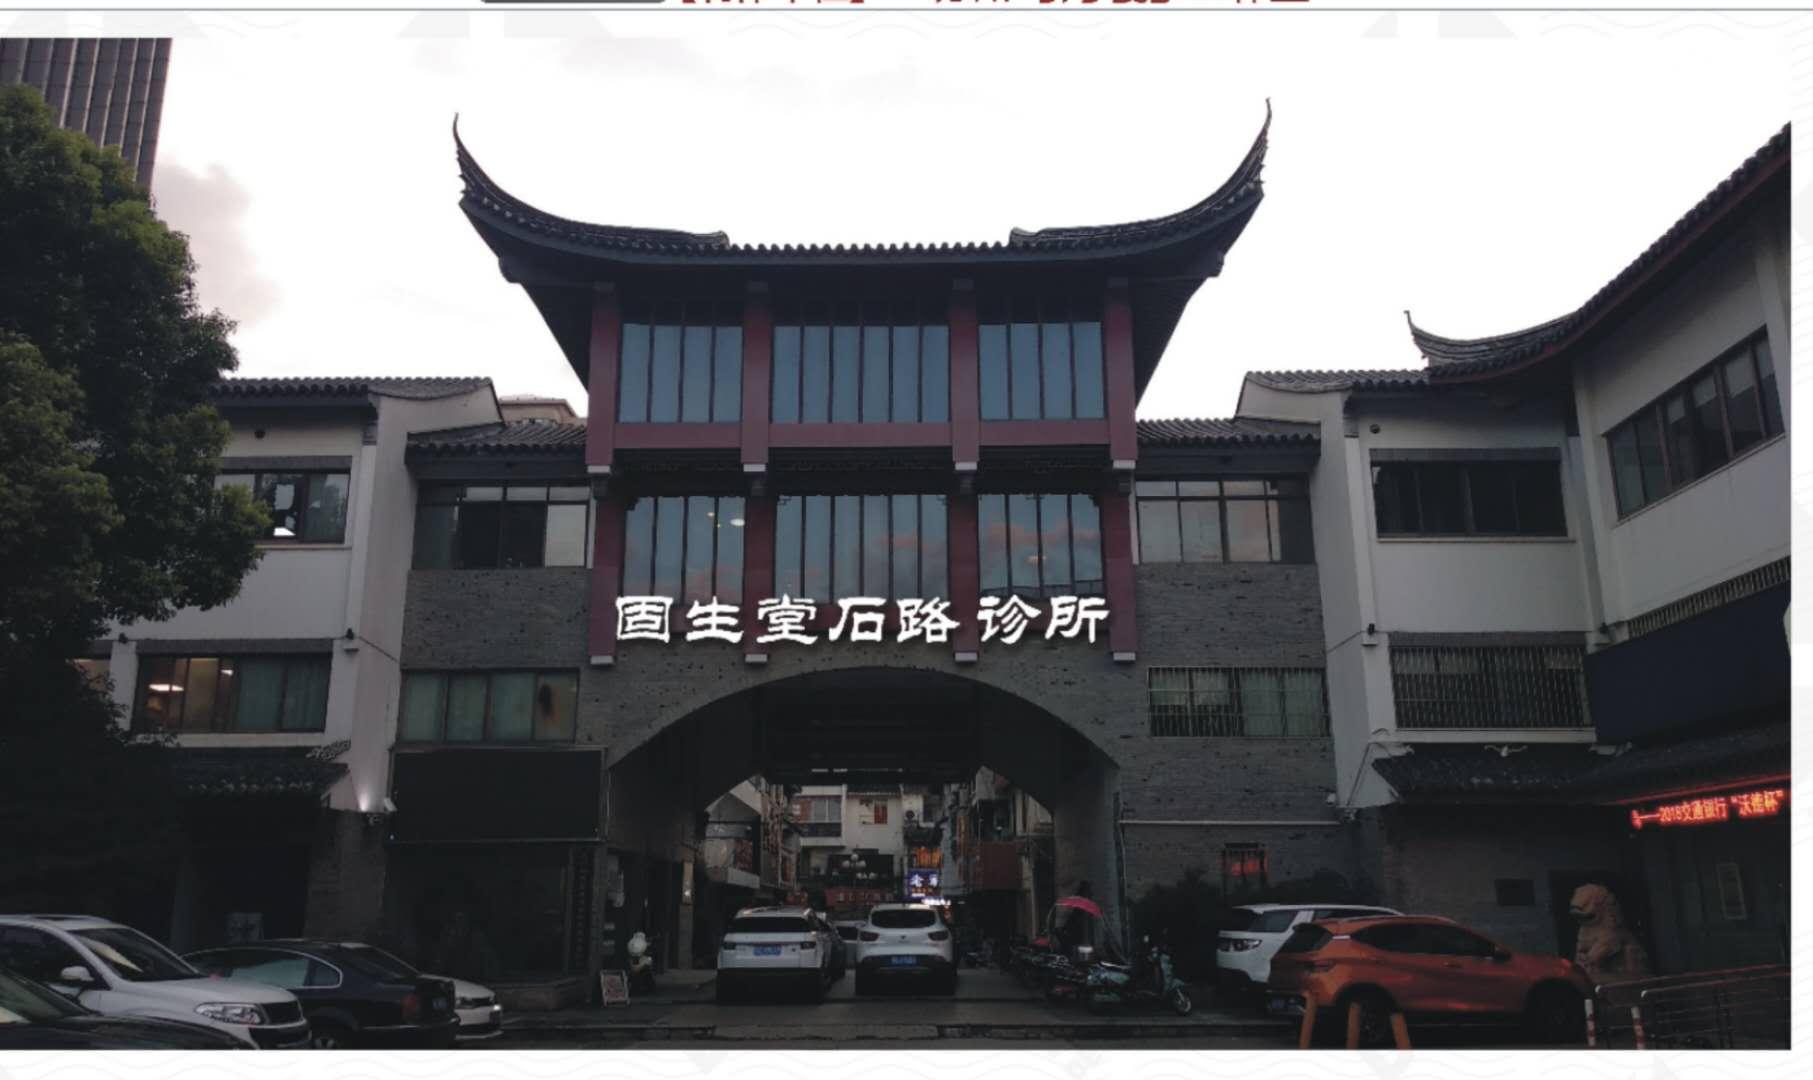 苏州固生堂石路诊所有限公司